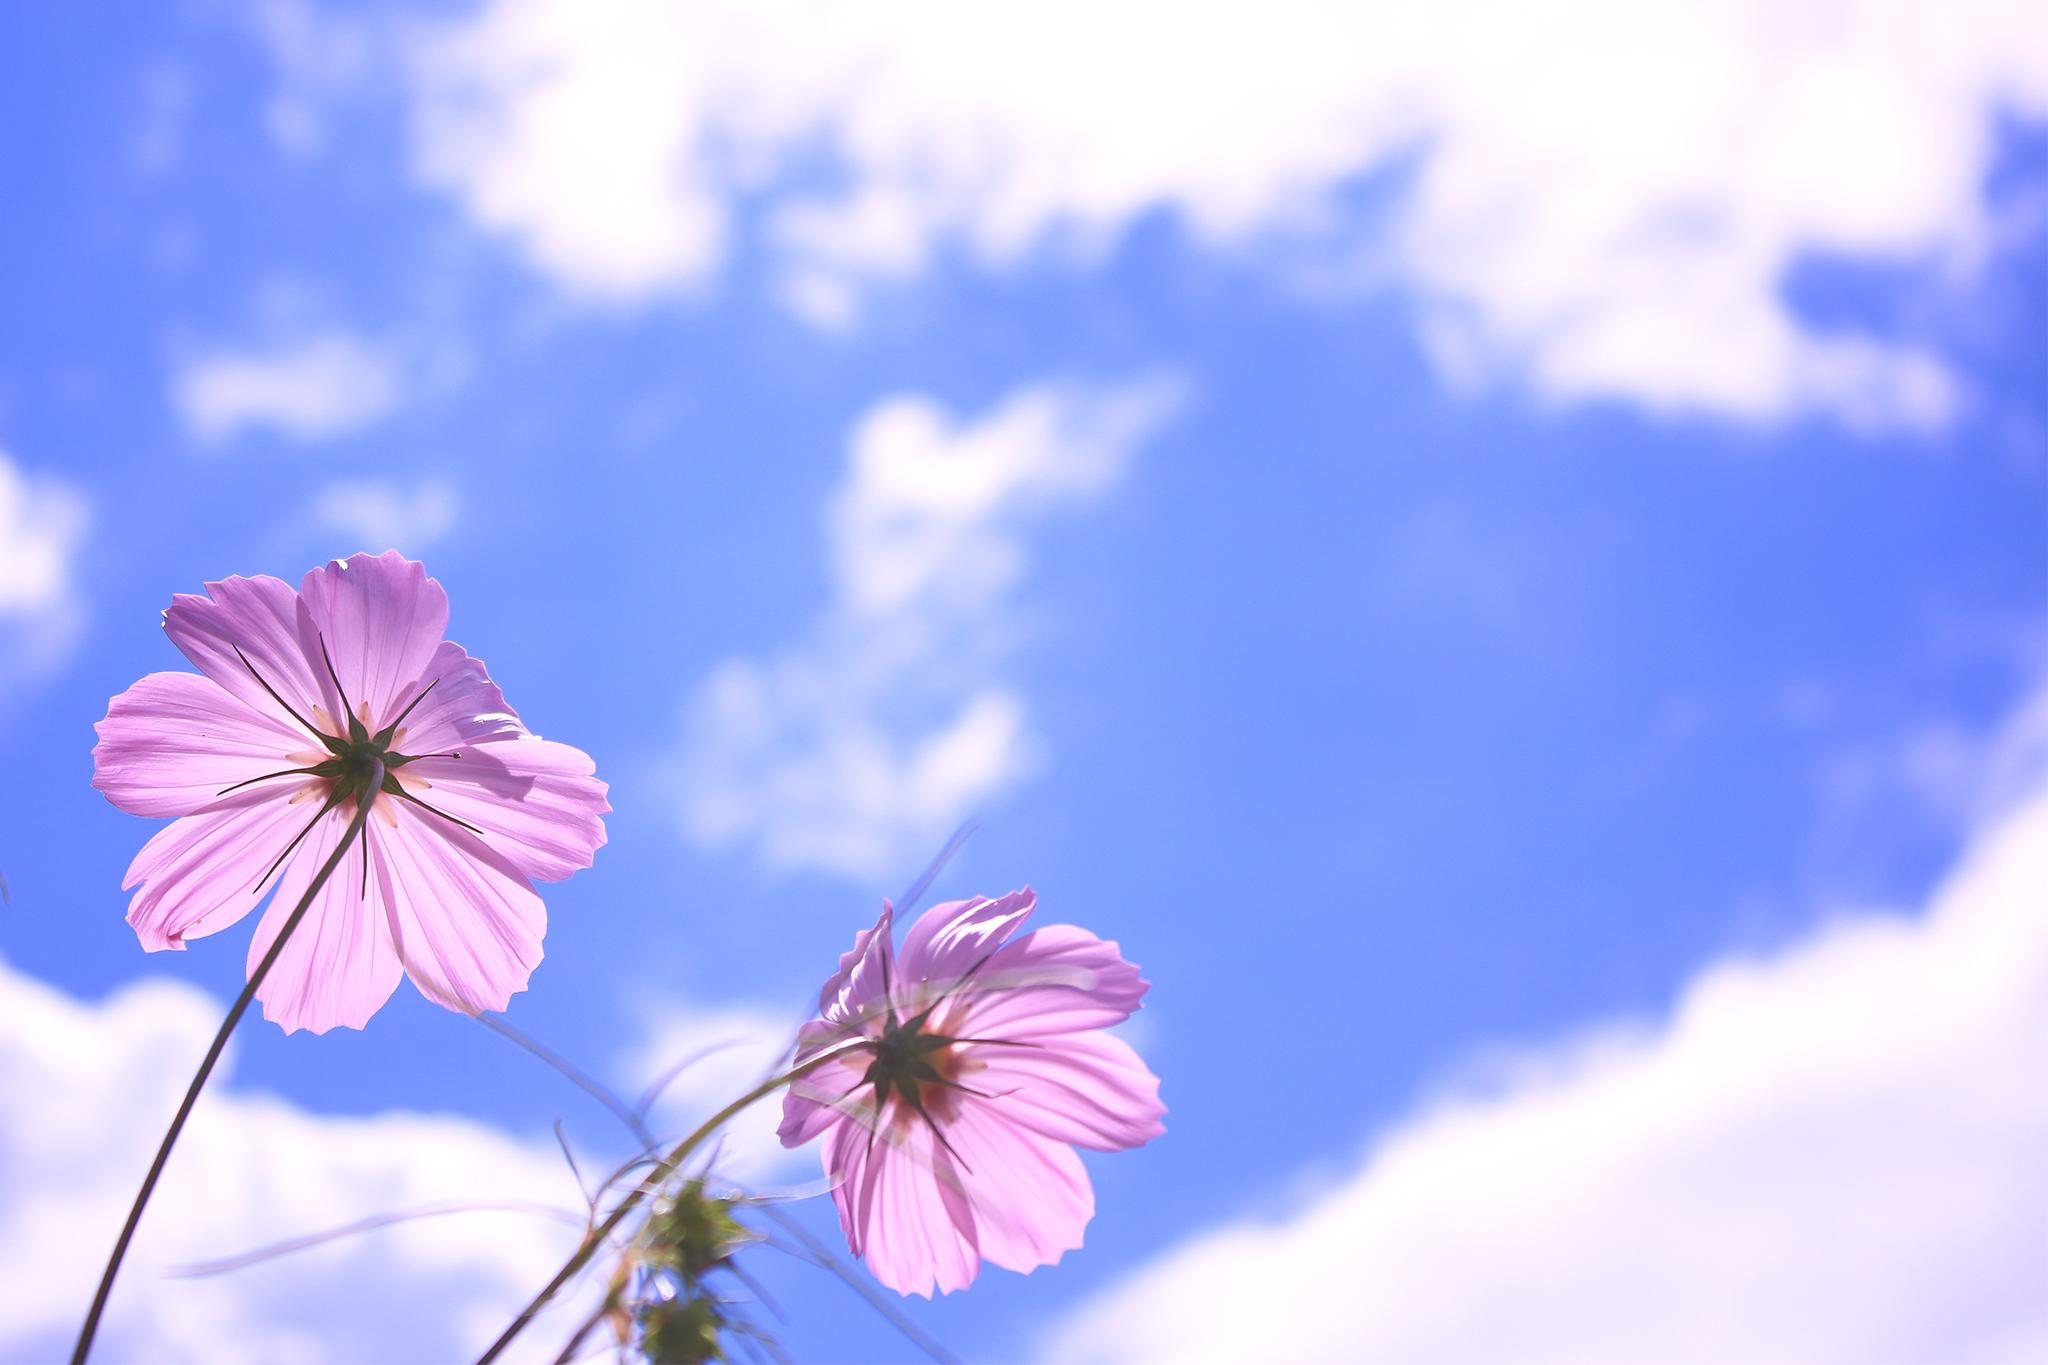 【今週の運勢】フラワーセラピストのオラクルカード診断 (2018年9月3日~2018年9月9日)